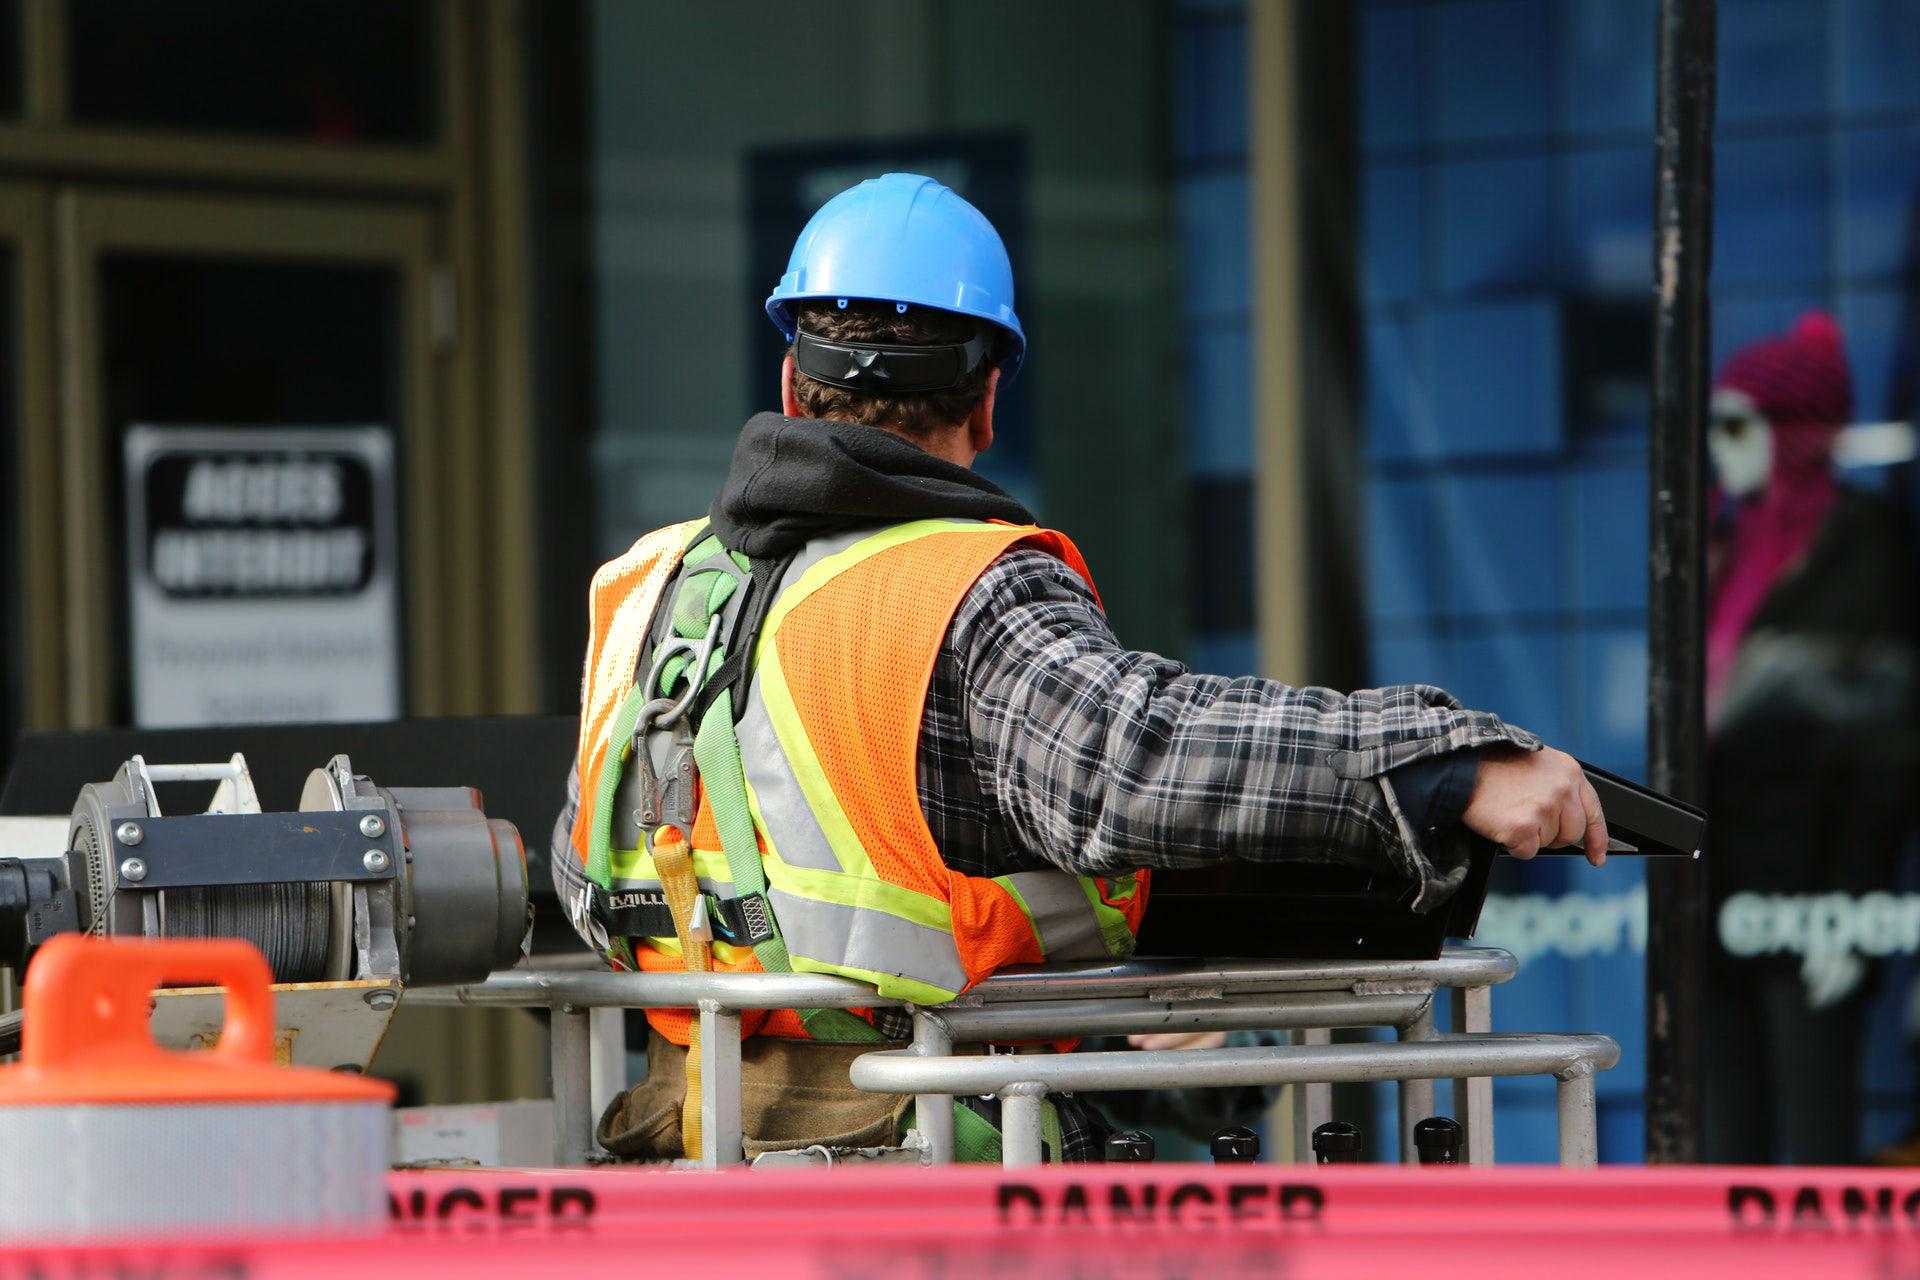 les-chantiers-de-construction